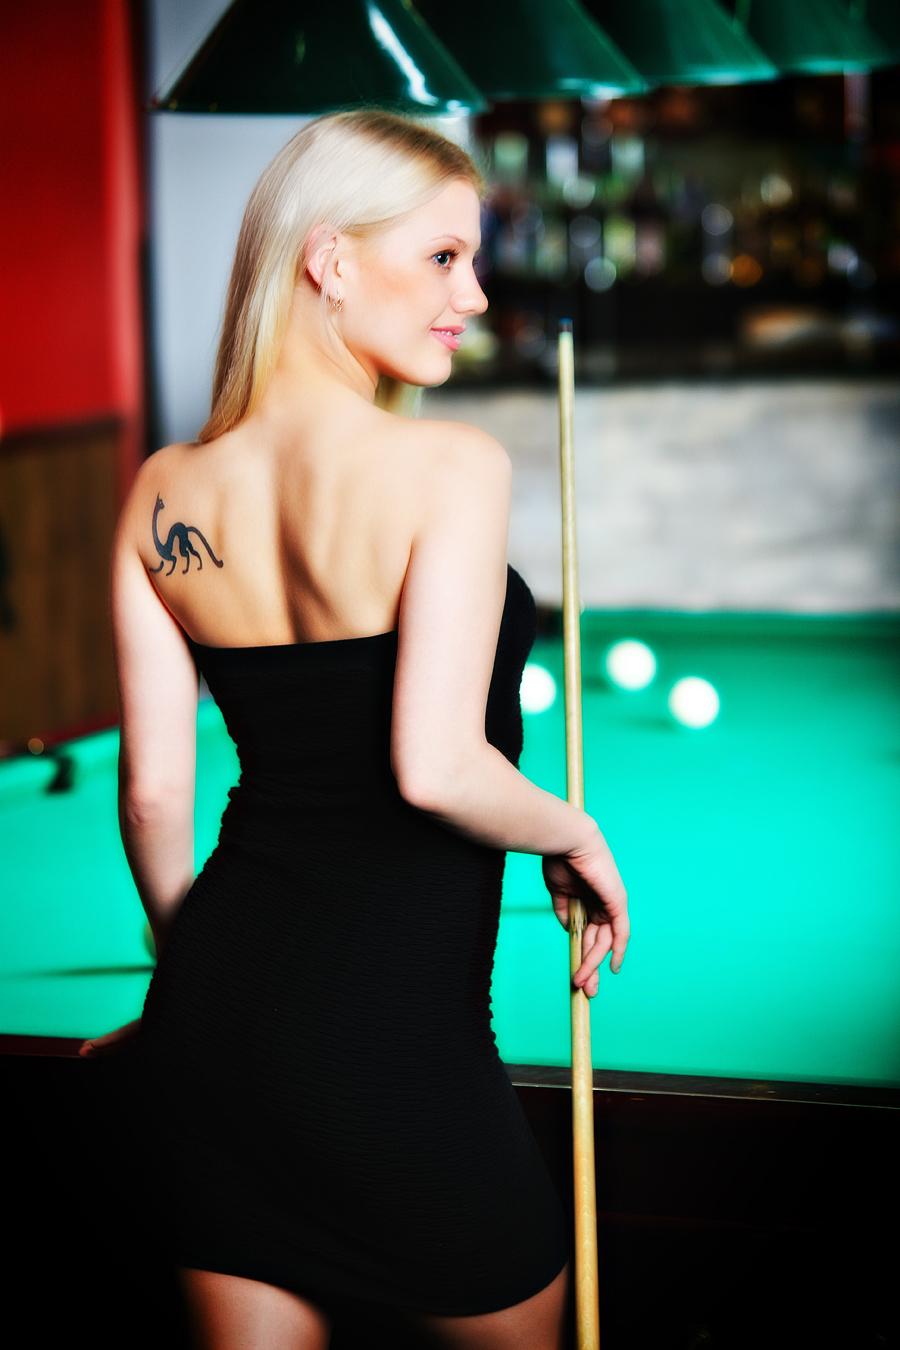 Шикарня девушка играет в бильярд фото 65-758